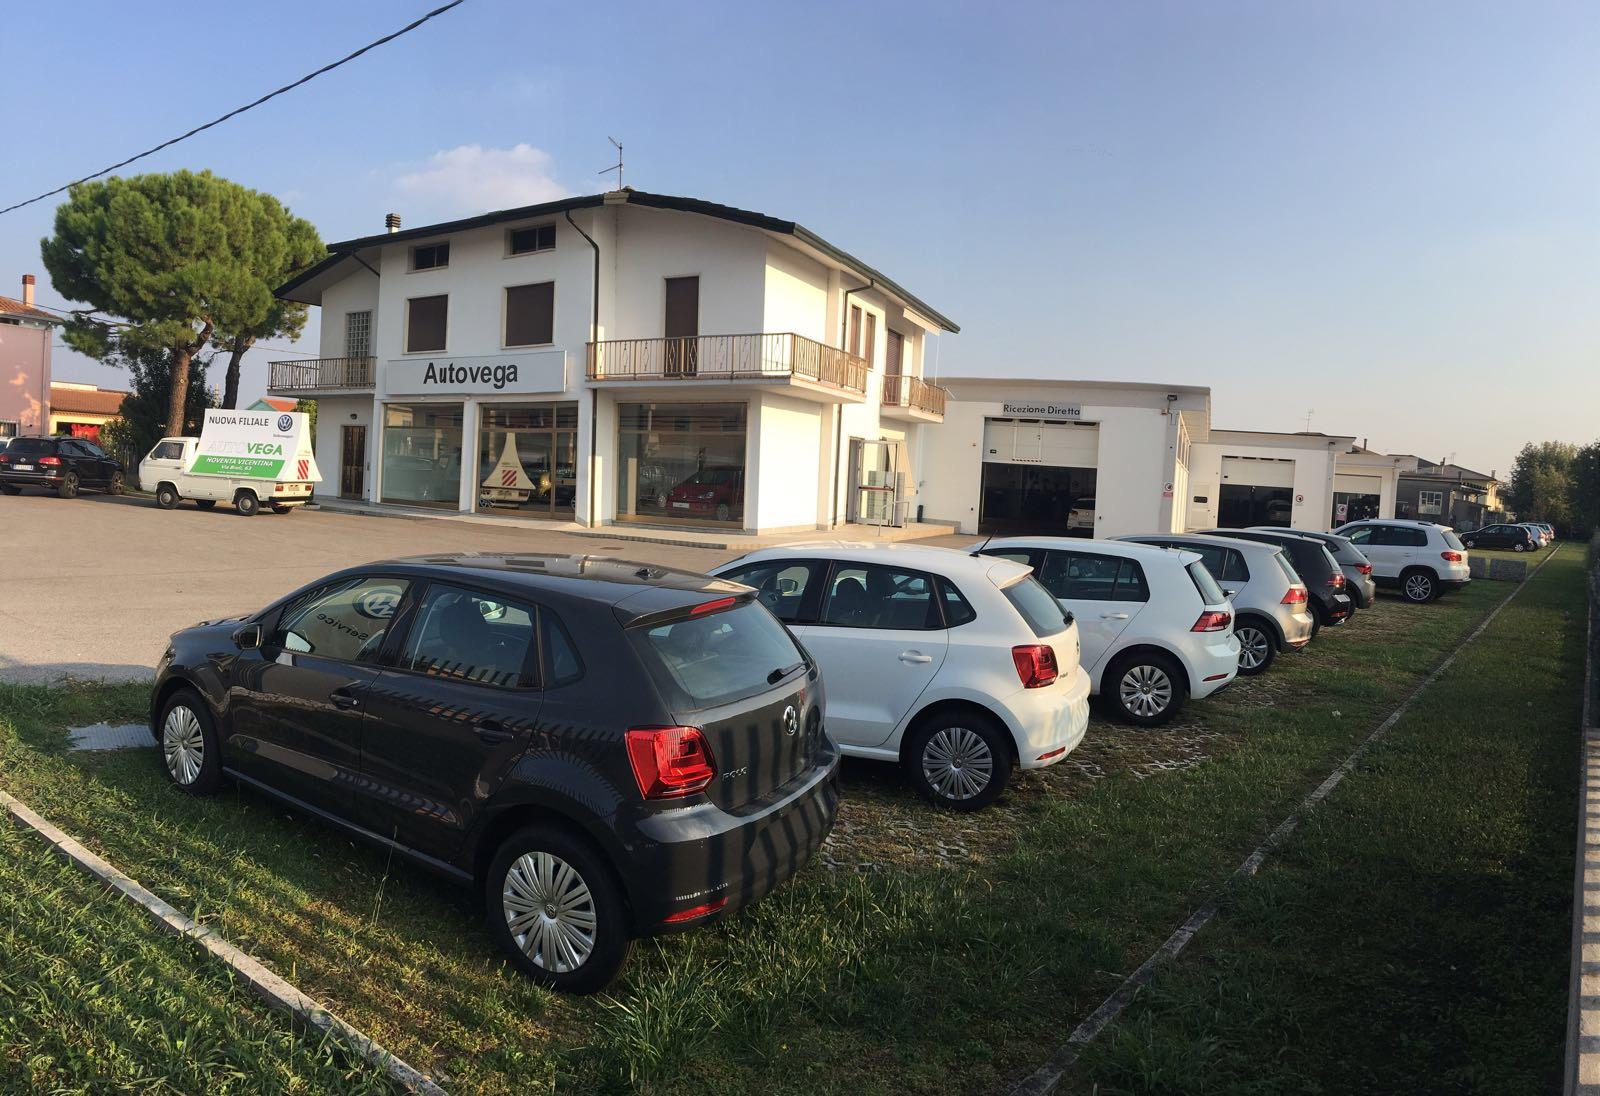 Nuova sede Autovega a Noventa Vicentina